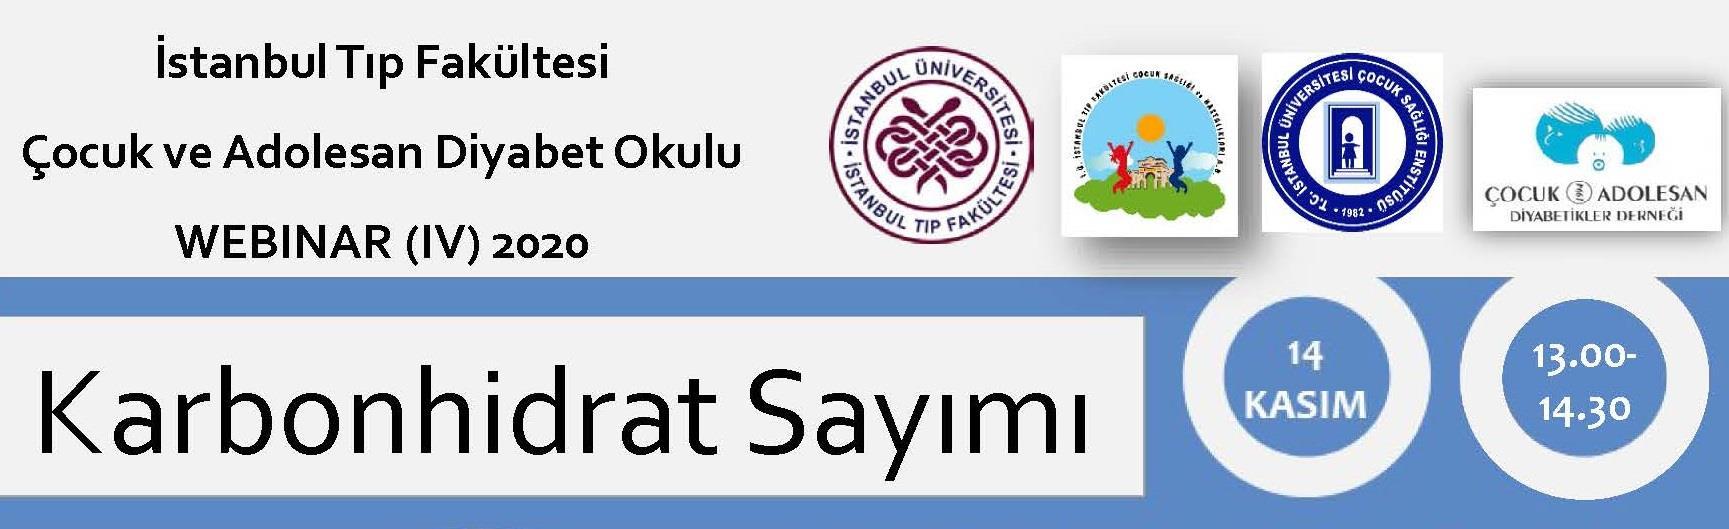 Karbonhidrat-Sayımı 14-Kasım-Dünya-Diyabet-Günü Çocuk-Sağlığı-Enstitüsü İstanbul-Tıp-FakültesiÇocuk-ve-AdolesanDiyabet-Okulu Diyabetikler-Derneği hülya-günöz beyza-eliuz-Tipici